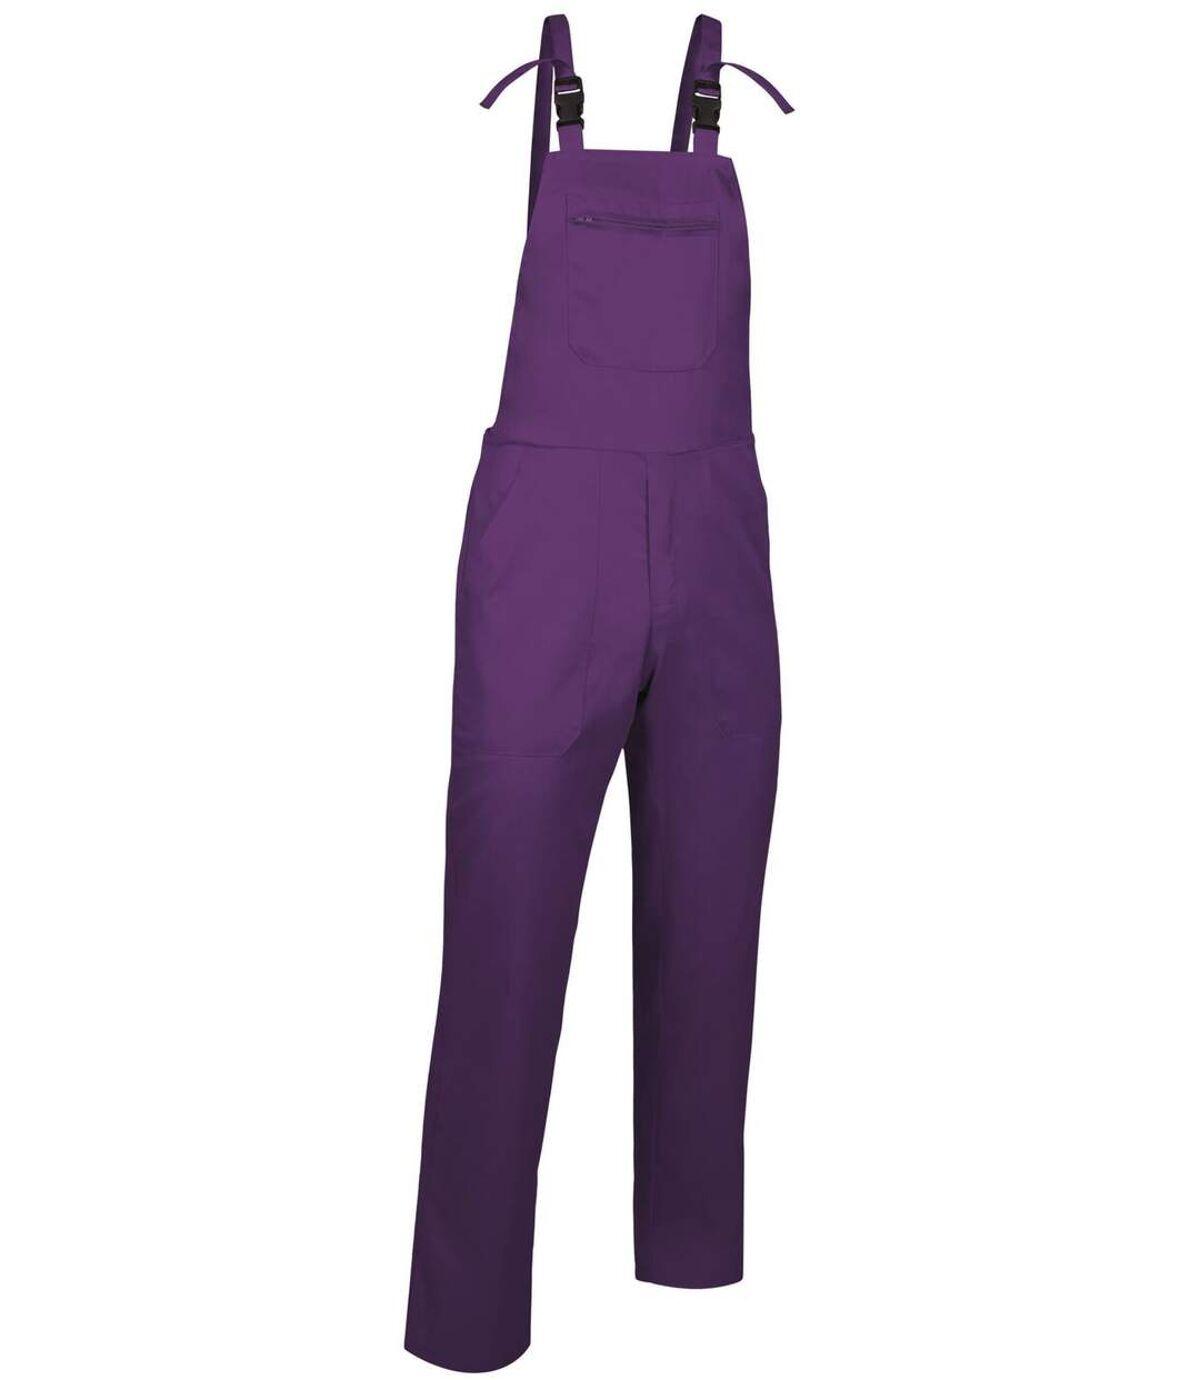 Salopette à bretelles mixte - PREGON - violet